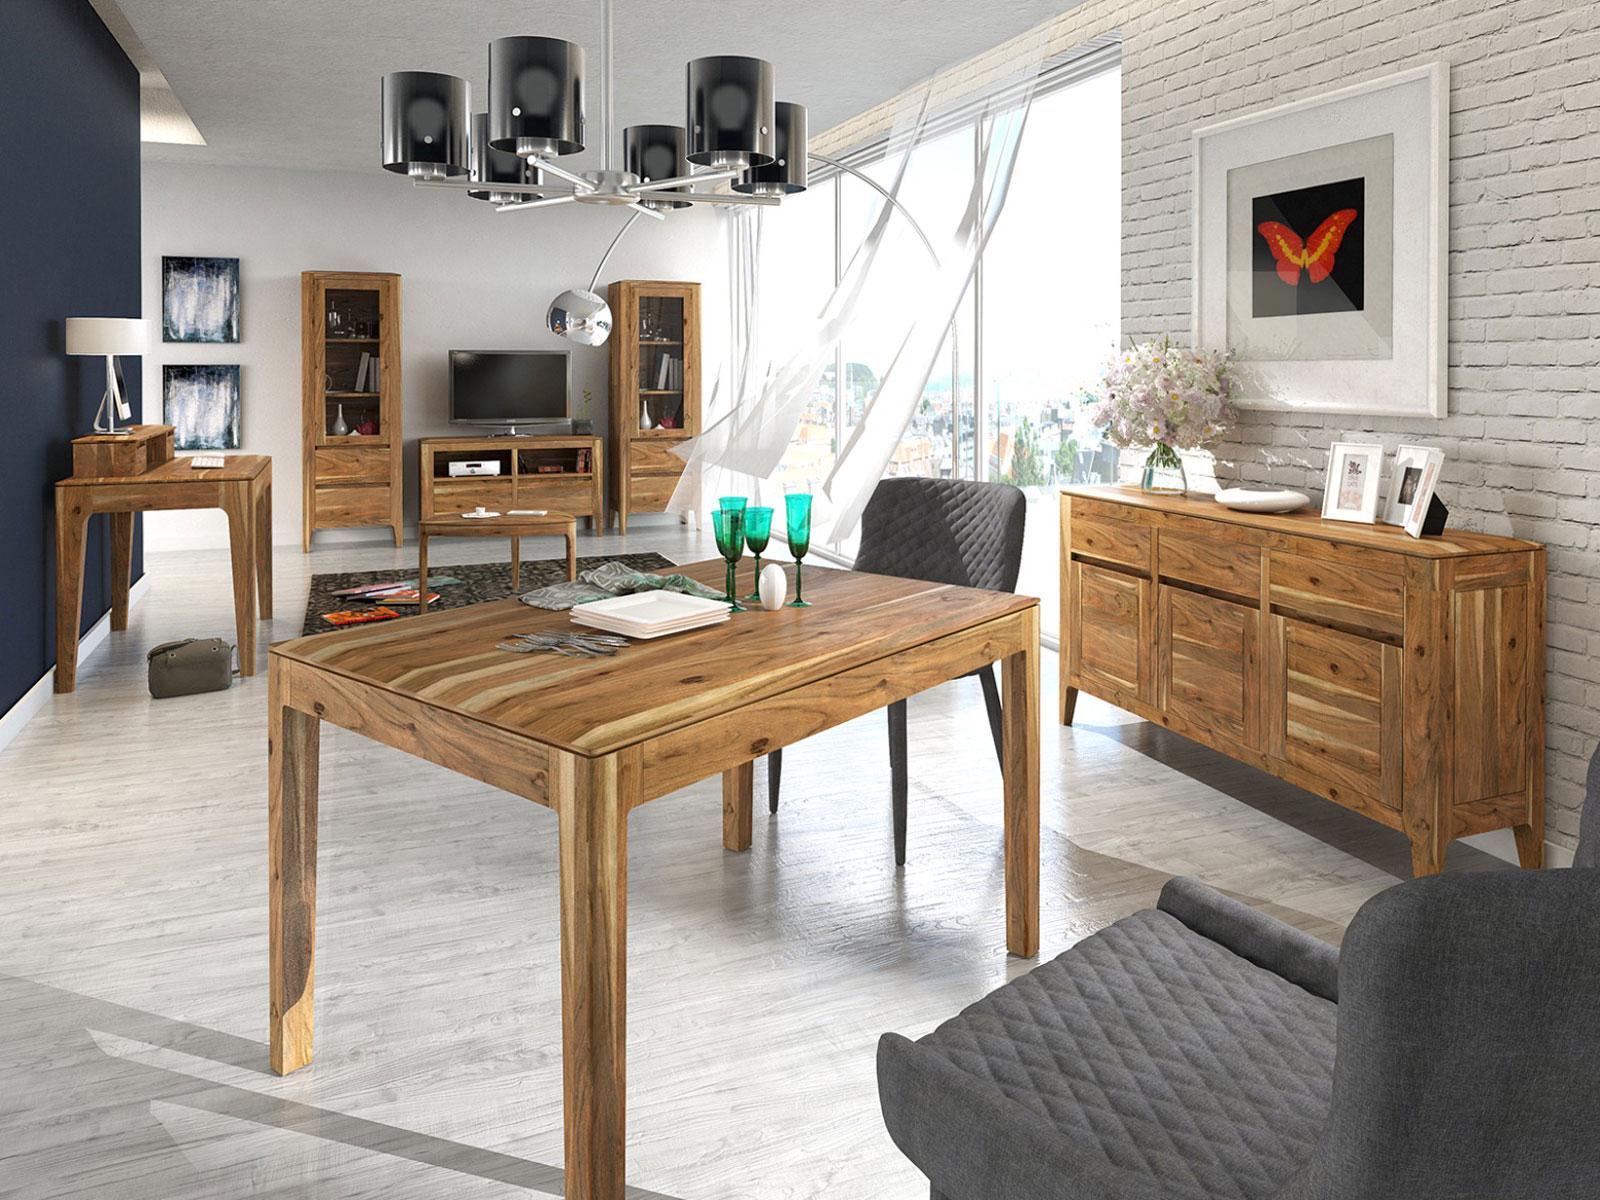 esstisch esszimmer tisch casablanca 130 160 x 80 90 cm akazie massiv in 3 farben casamia wohnen. Black Bedroom Furniture Sets. Home Design Ideas